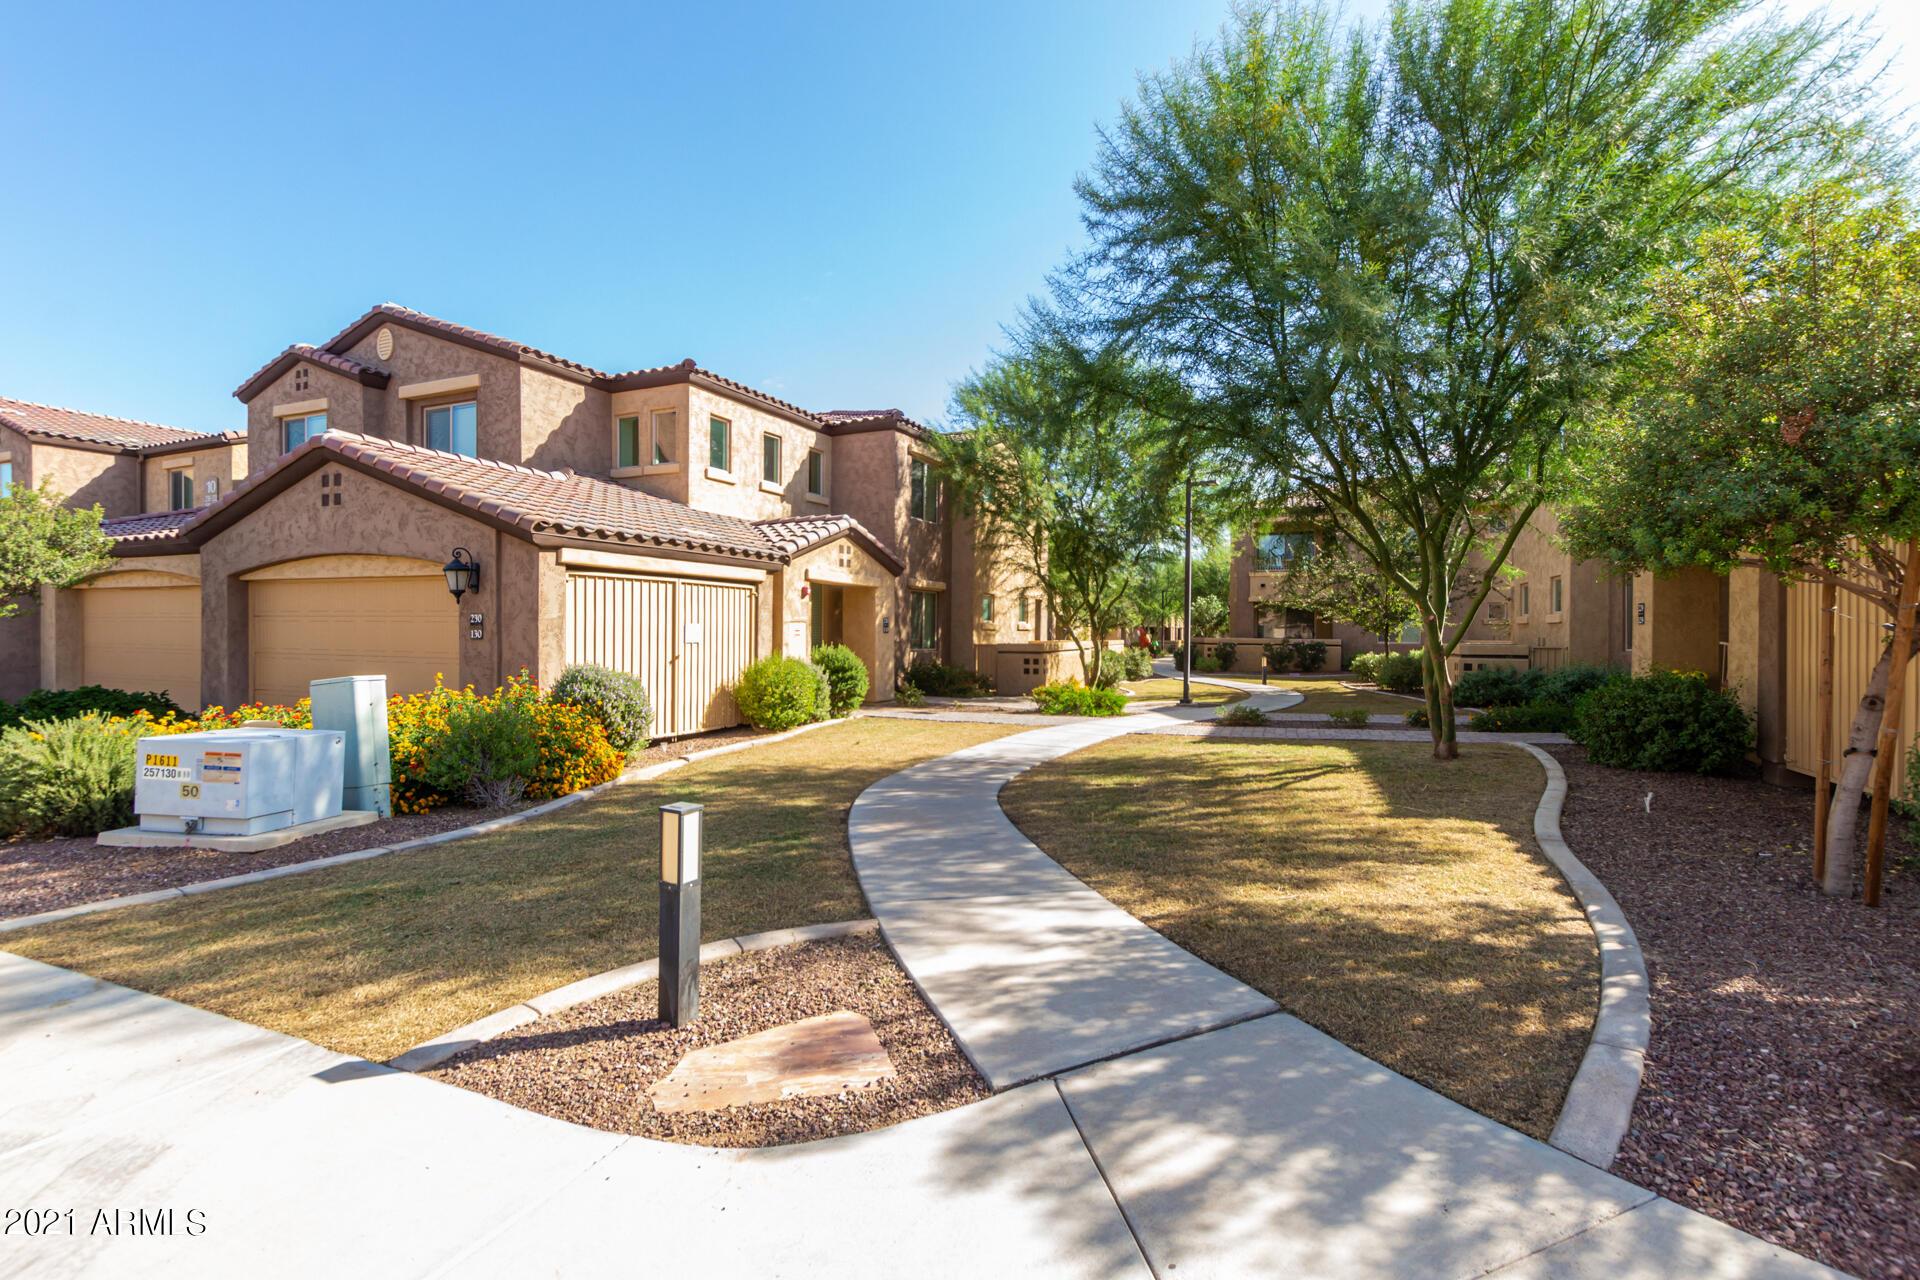 MLS 6310201 250 W QUEEN CREEK Road Unit 103, Chandler, AZ 85248 Chandler AZ Gated